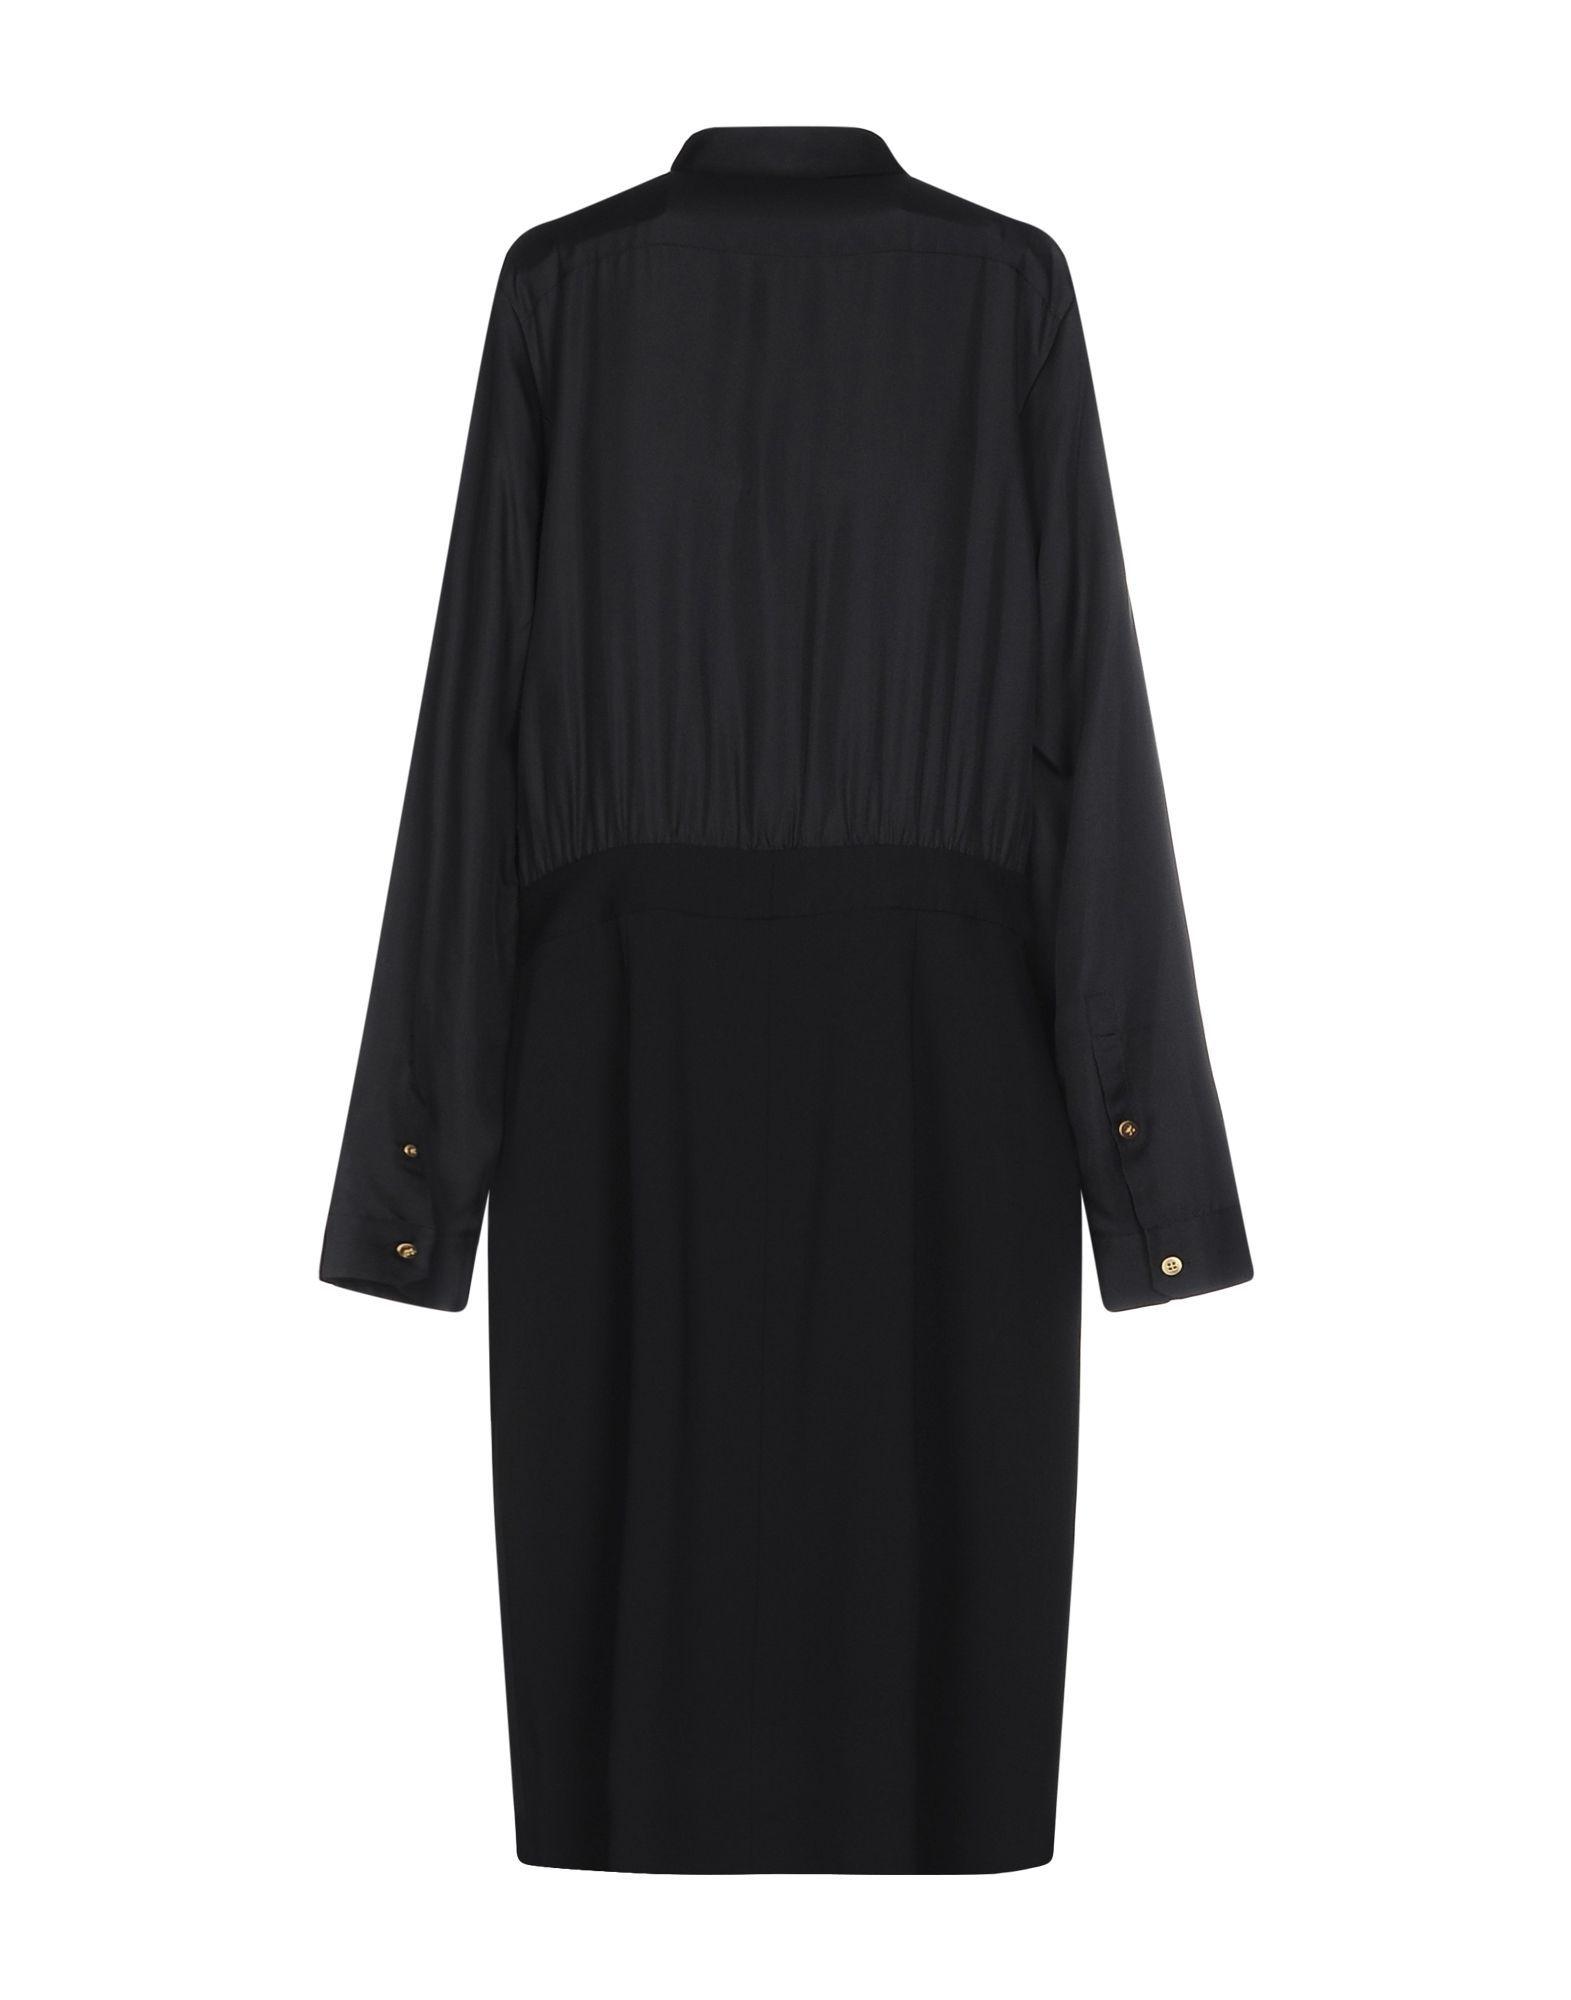 Diane Von Furstenberg Black Silk Dress